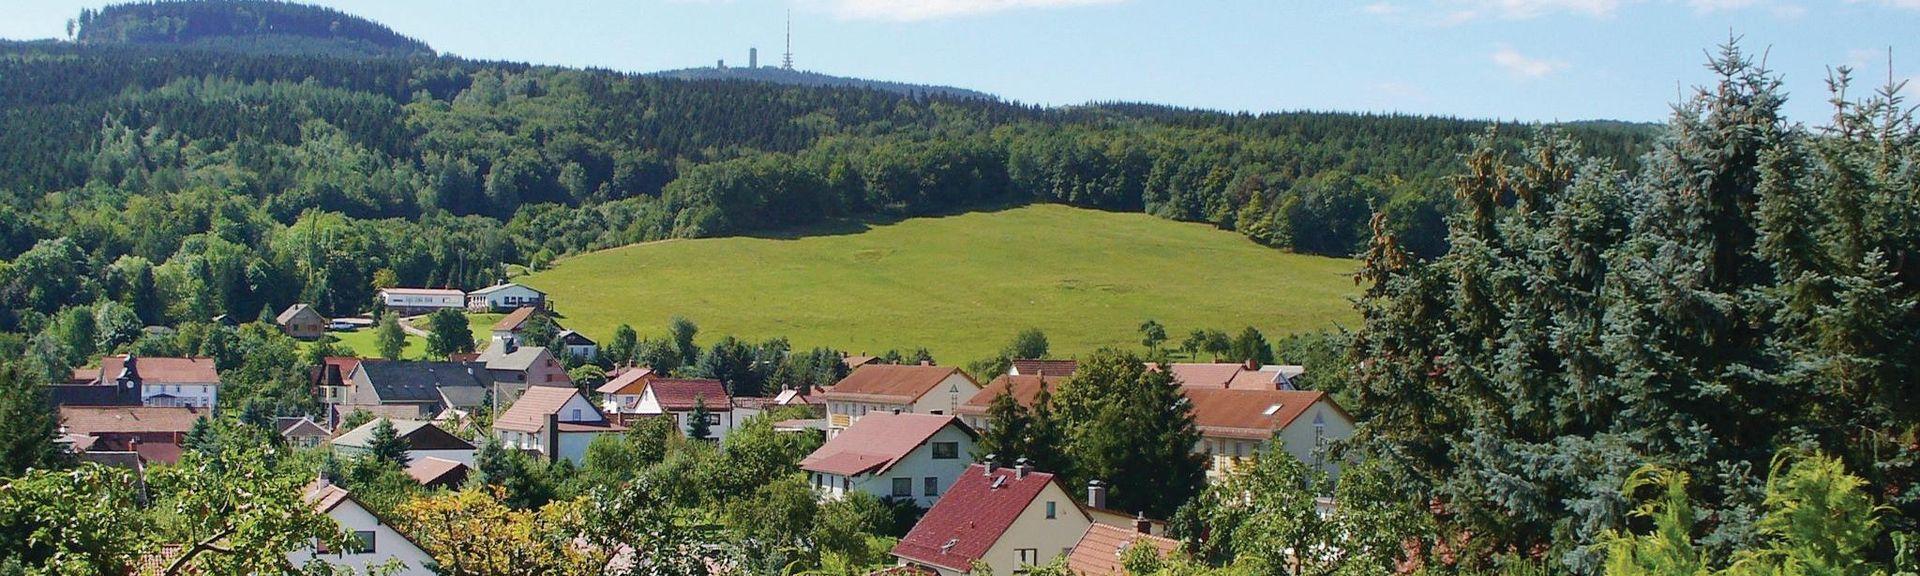 Eisenach, Thüringen, Duitsland